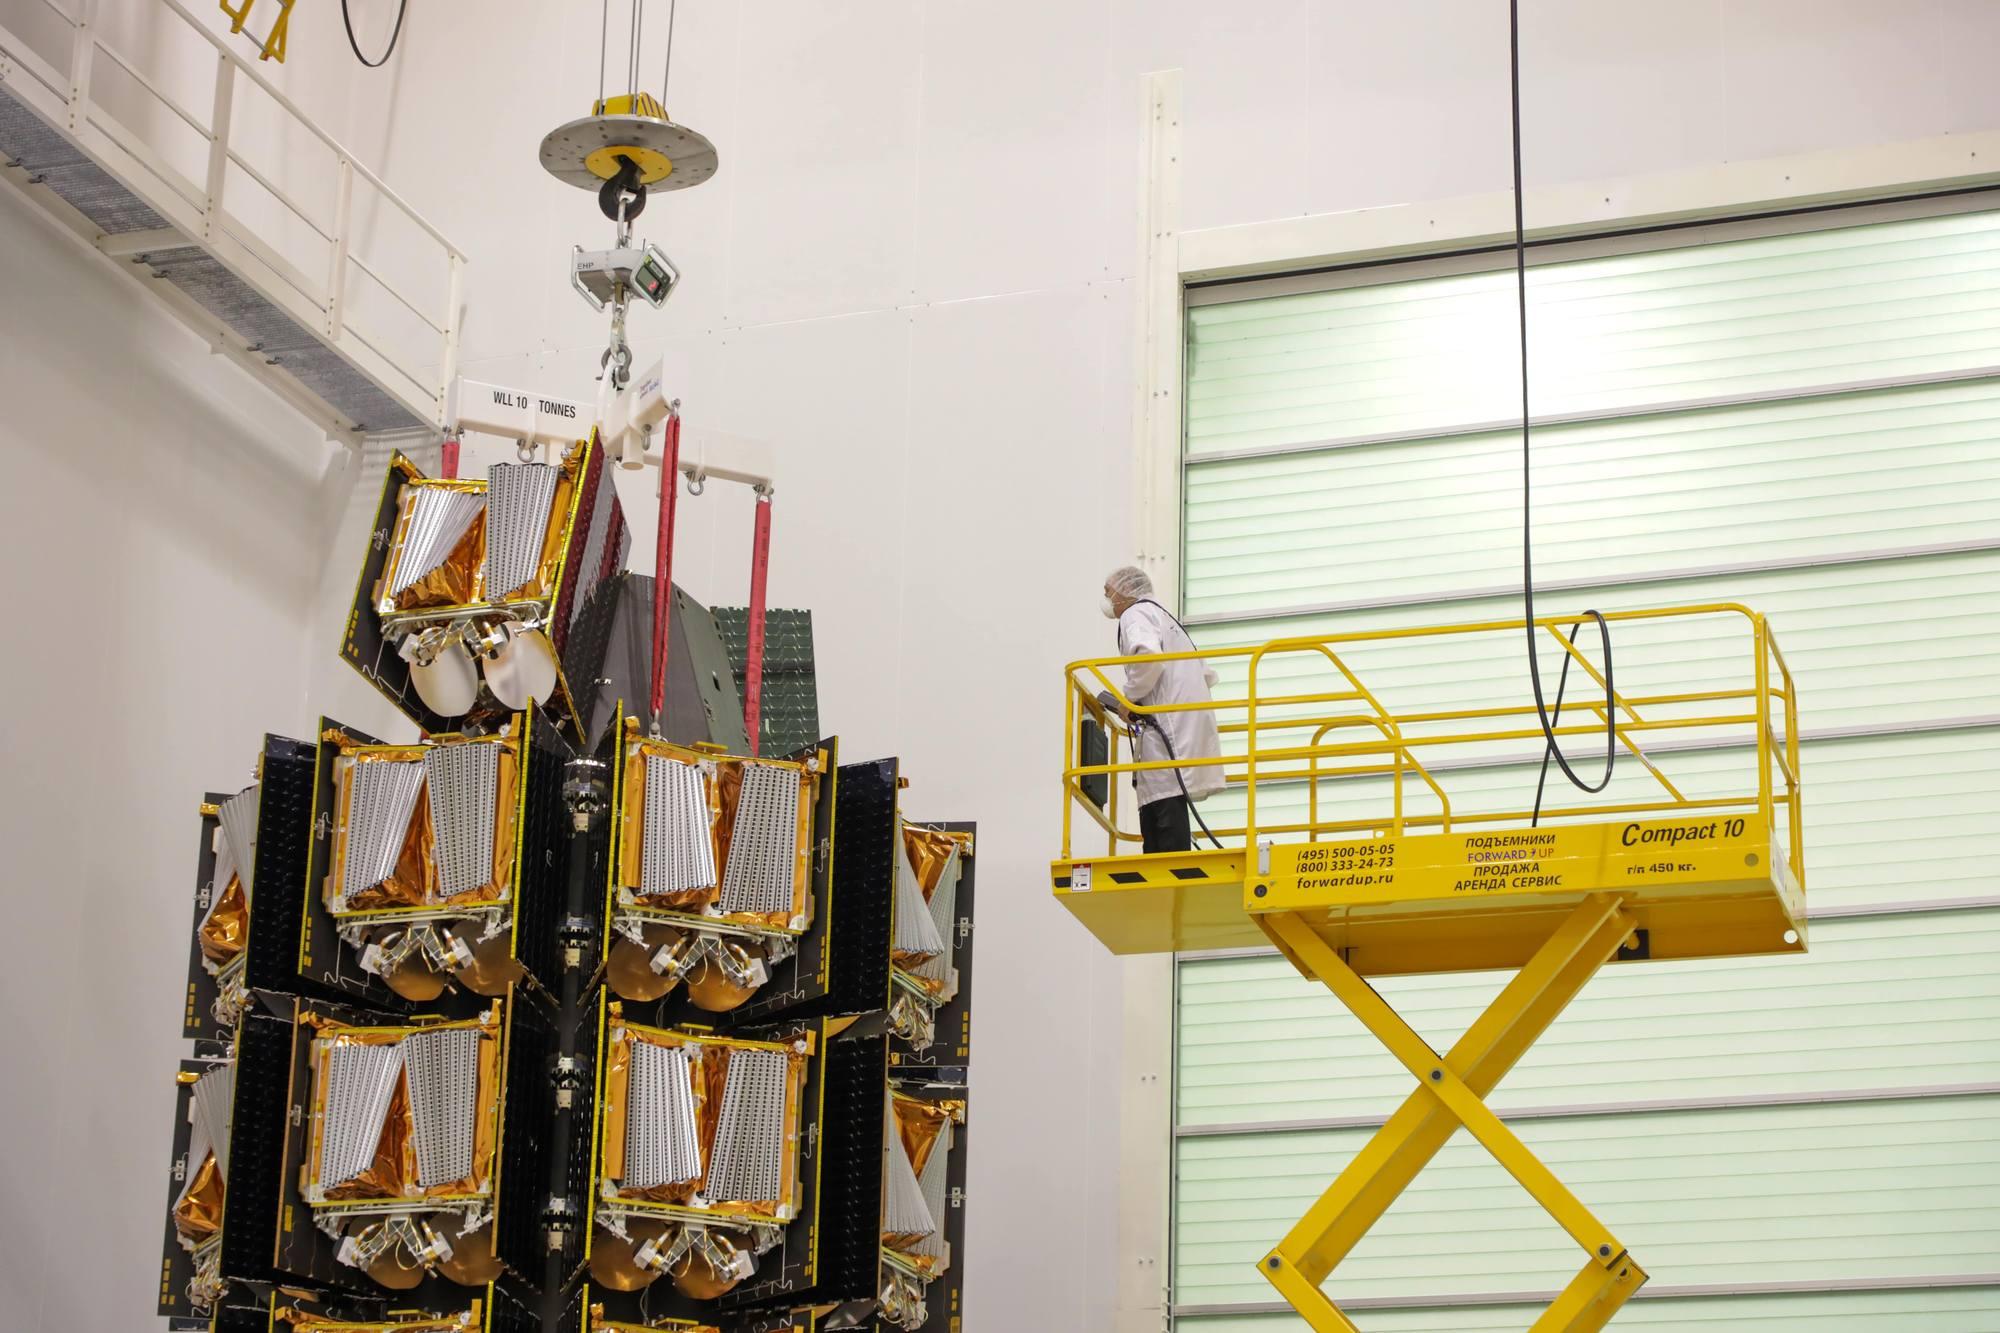 Les satellites OneWeb fixés sur le dispenseur.